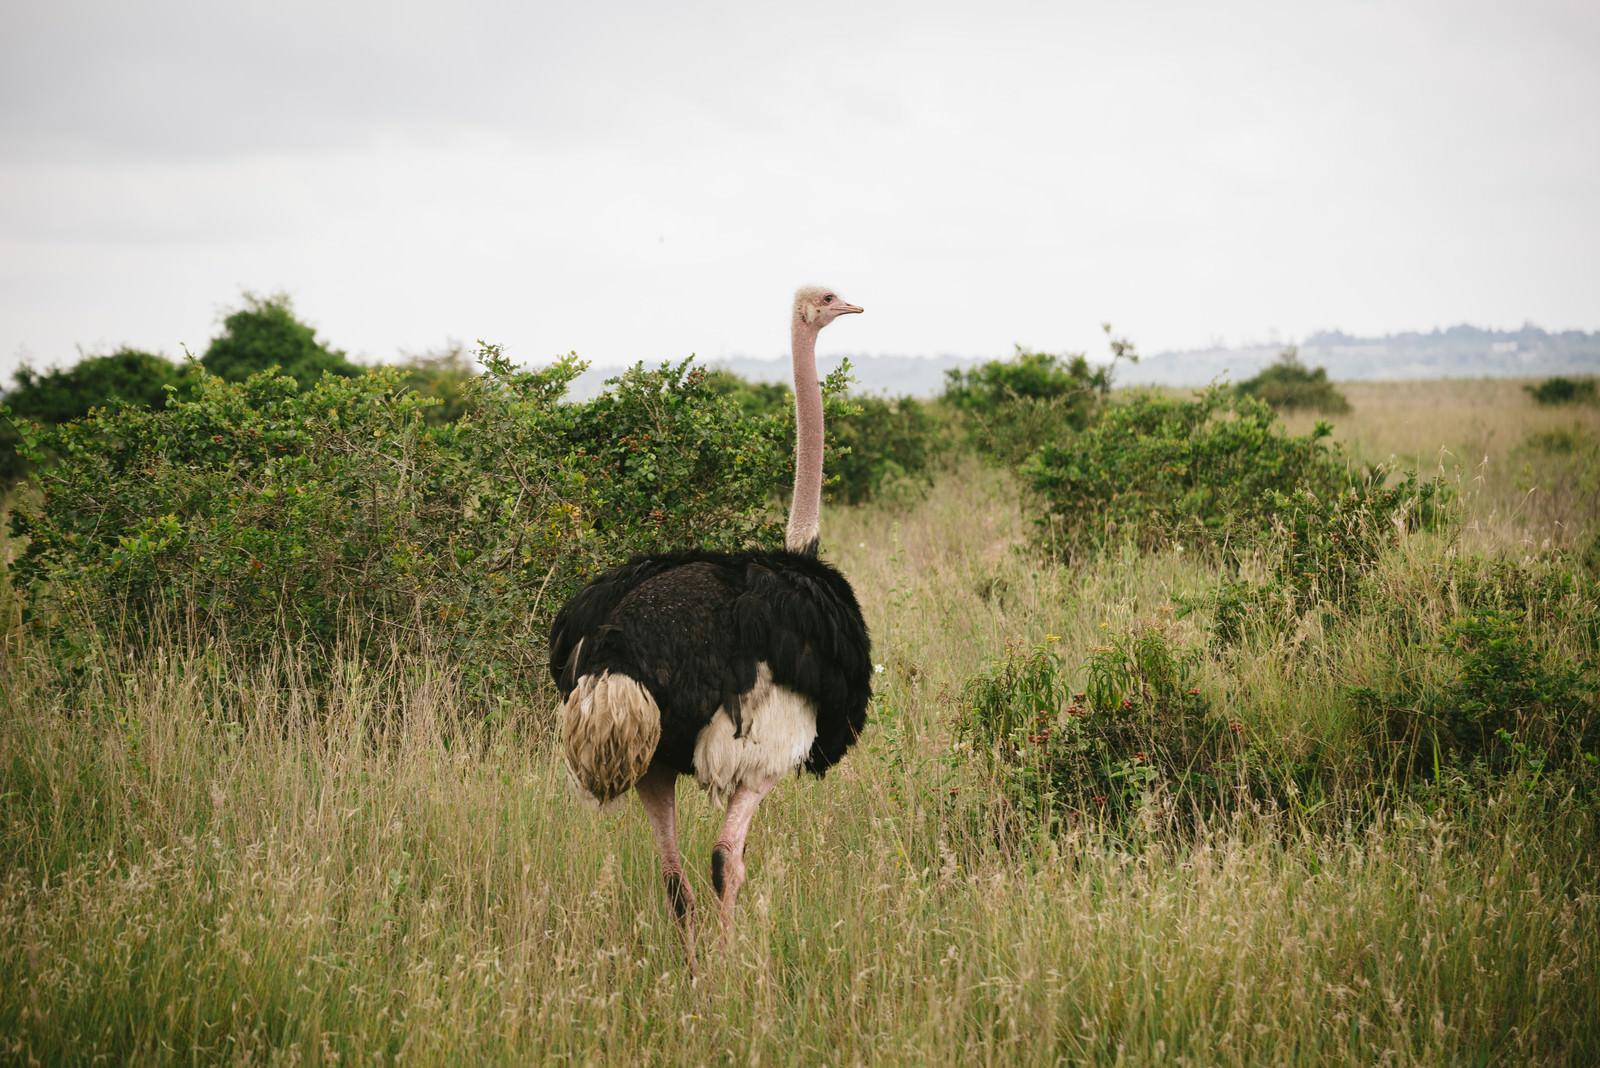 「サバンナのダチョウサバンナのダチョウ」のフリー写真素材を拡大